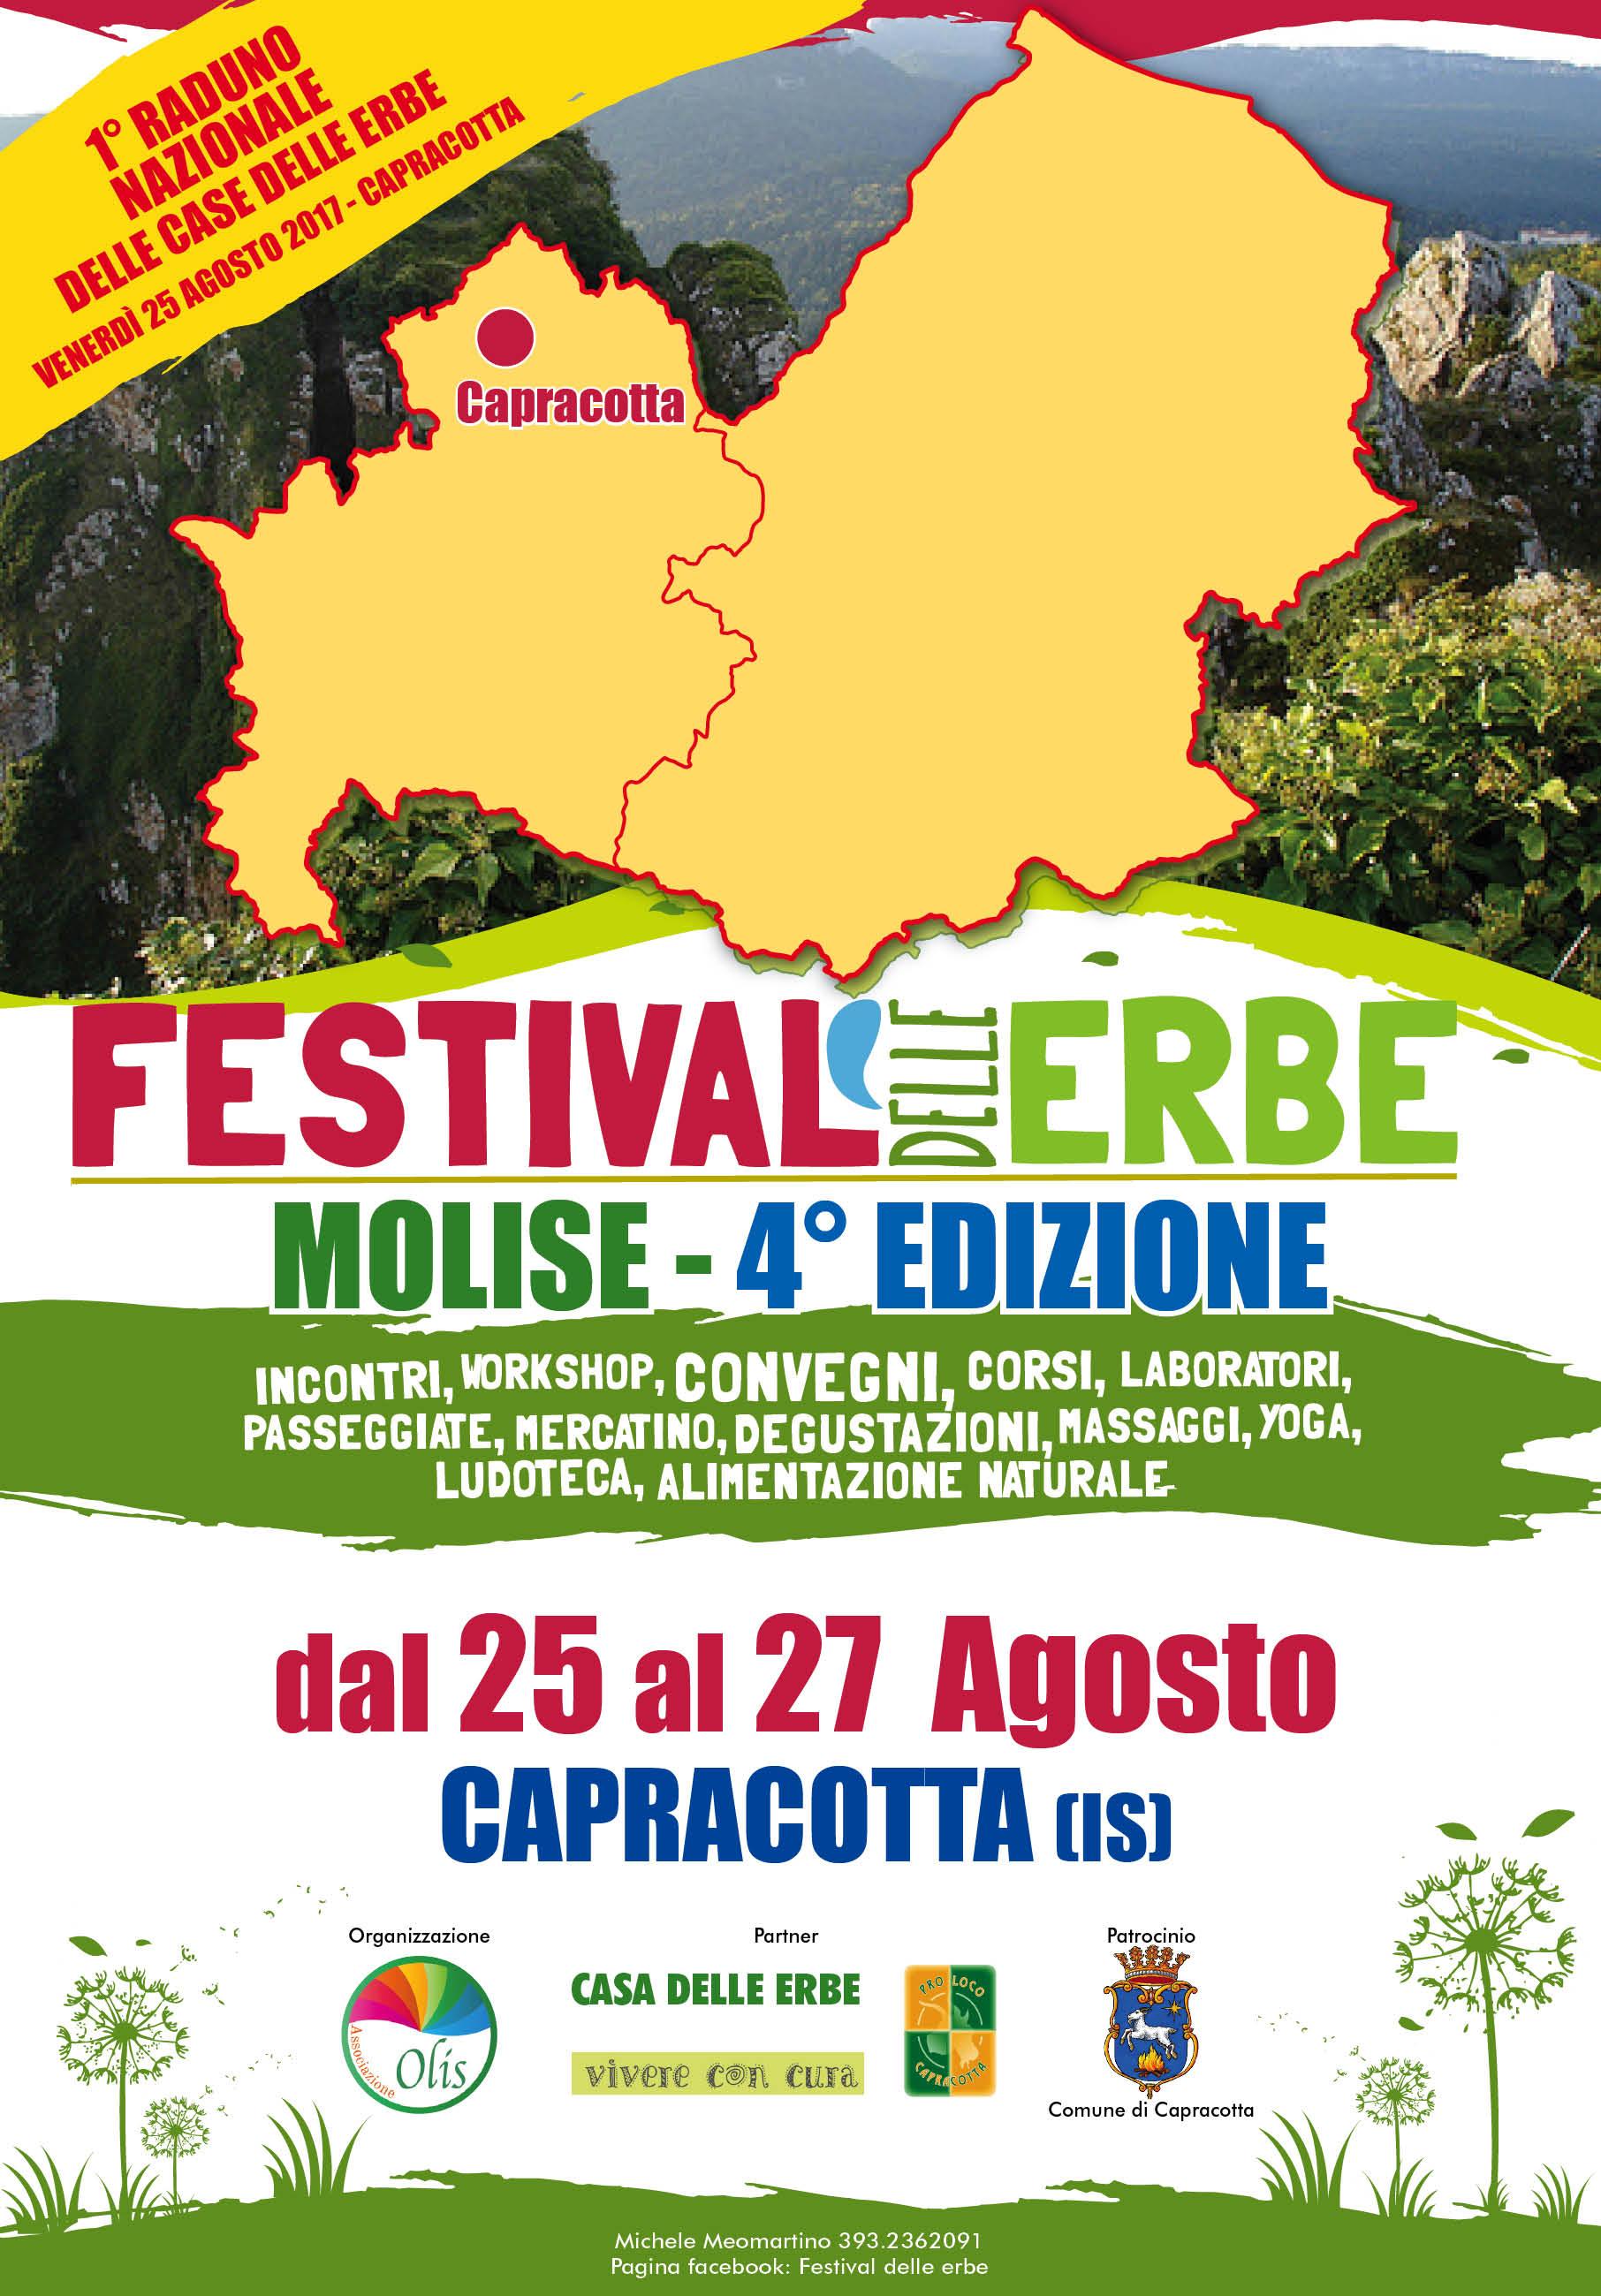 Manifesto festival delle erbe 2017